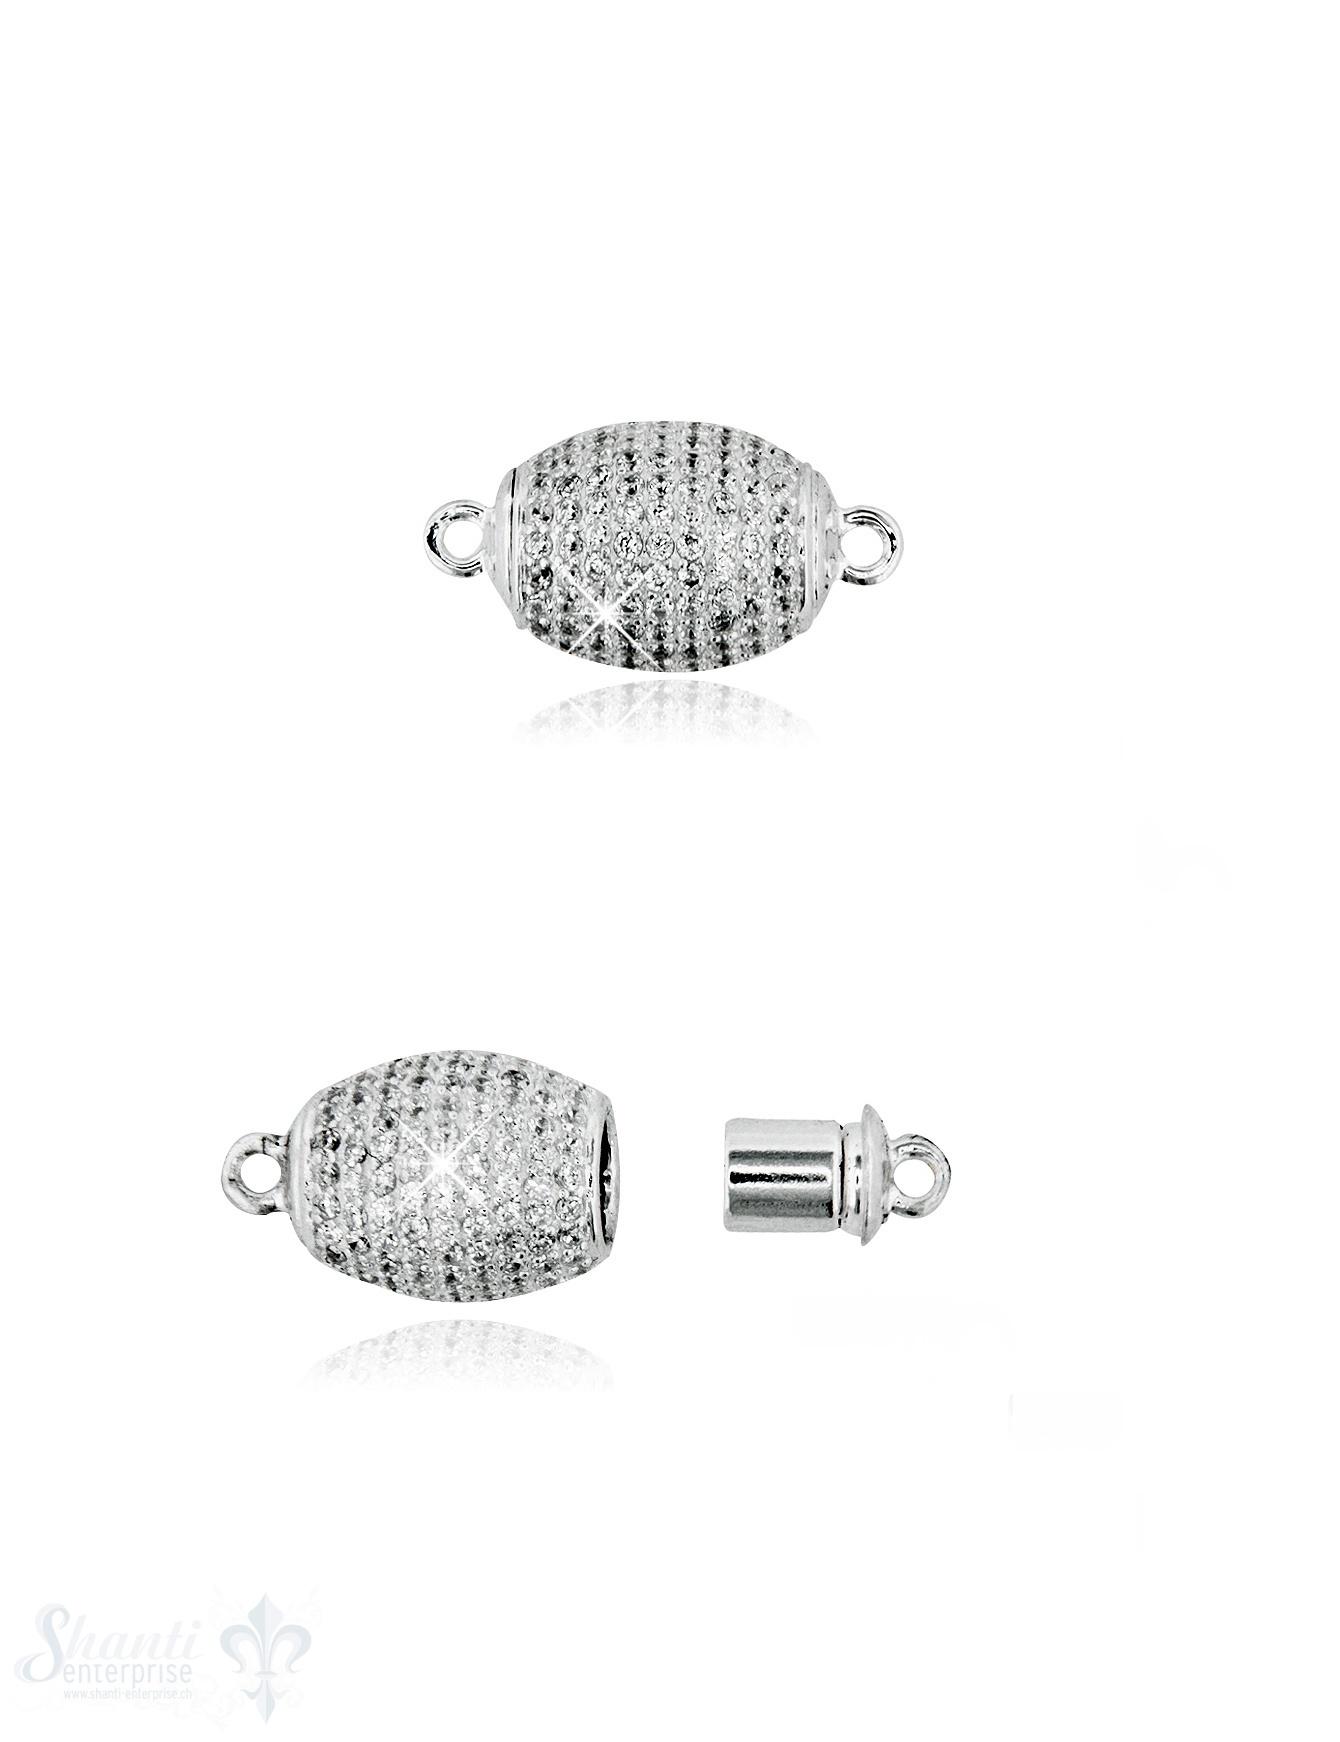 Magnetschloss Silber oval mit Zirkonia weiss